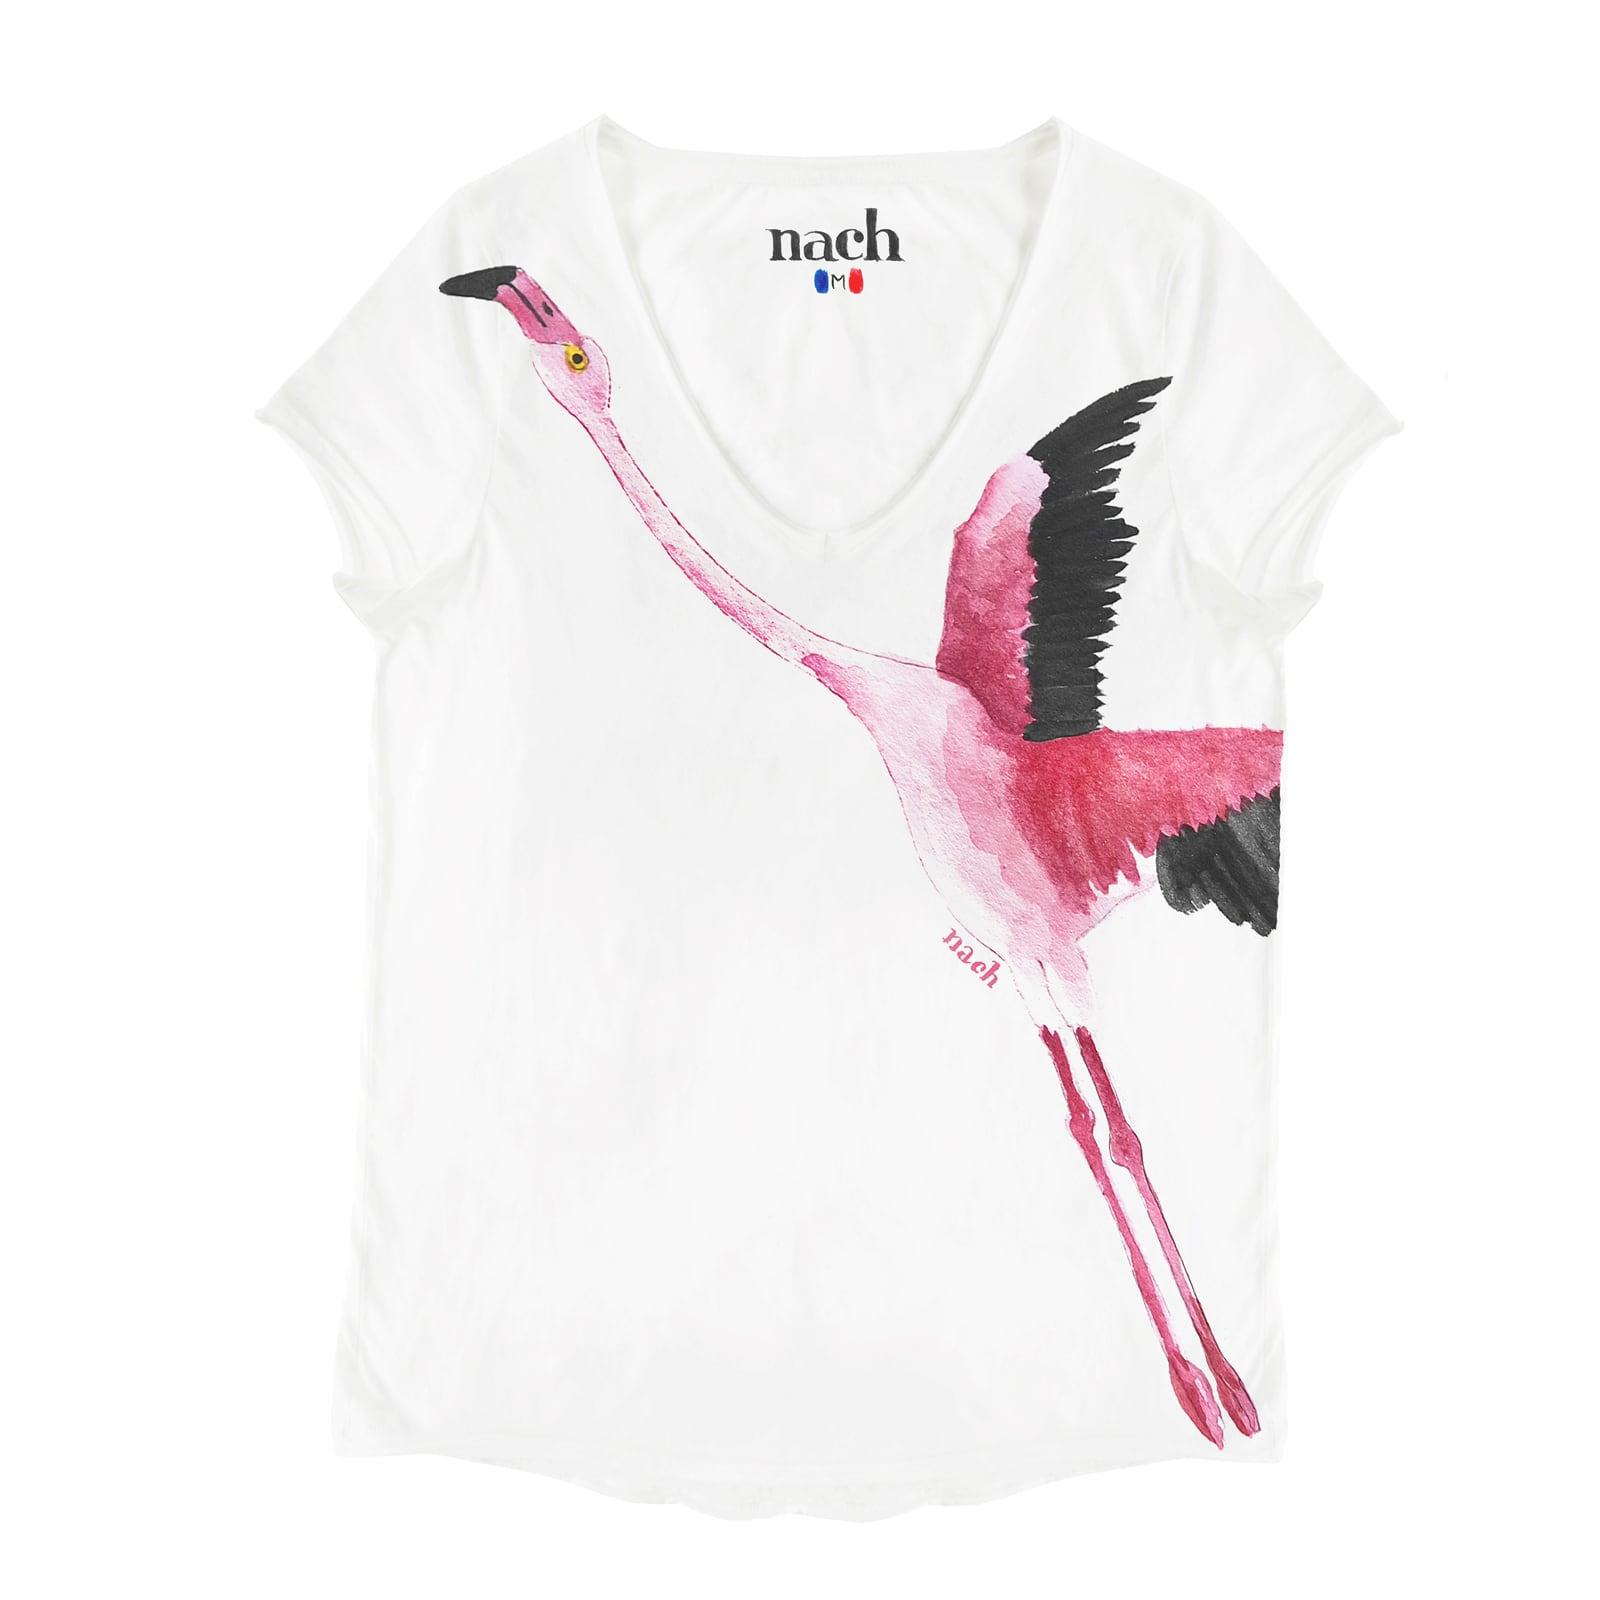 ナッシュ Tシャツ フラミンゴ